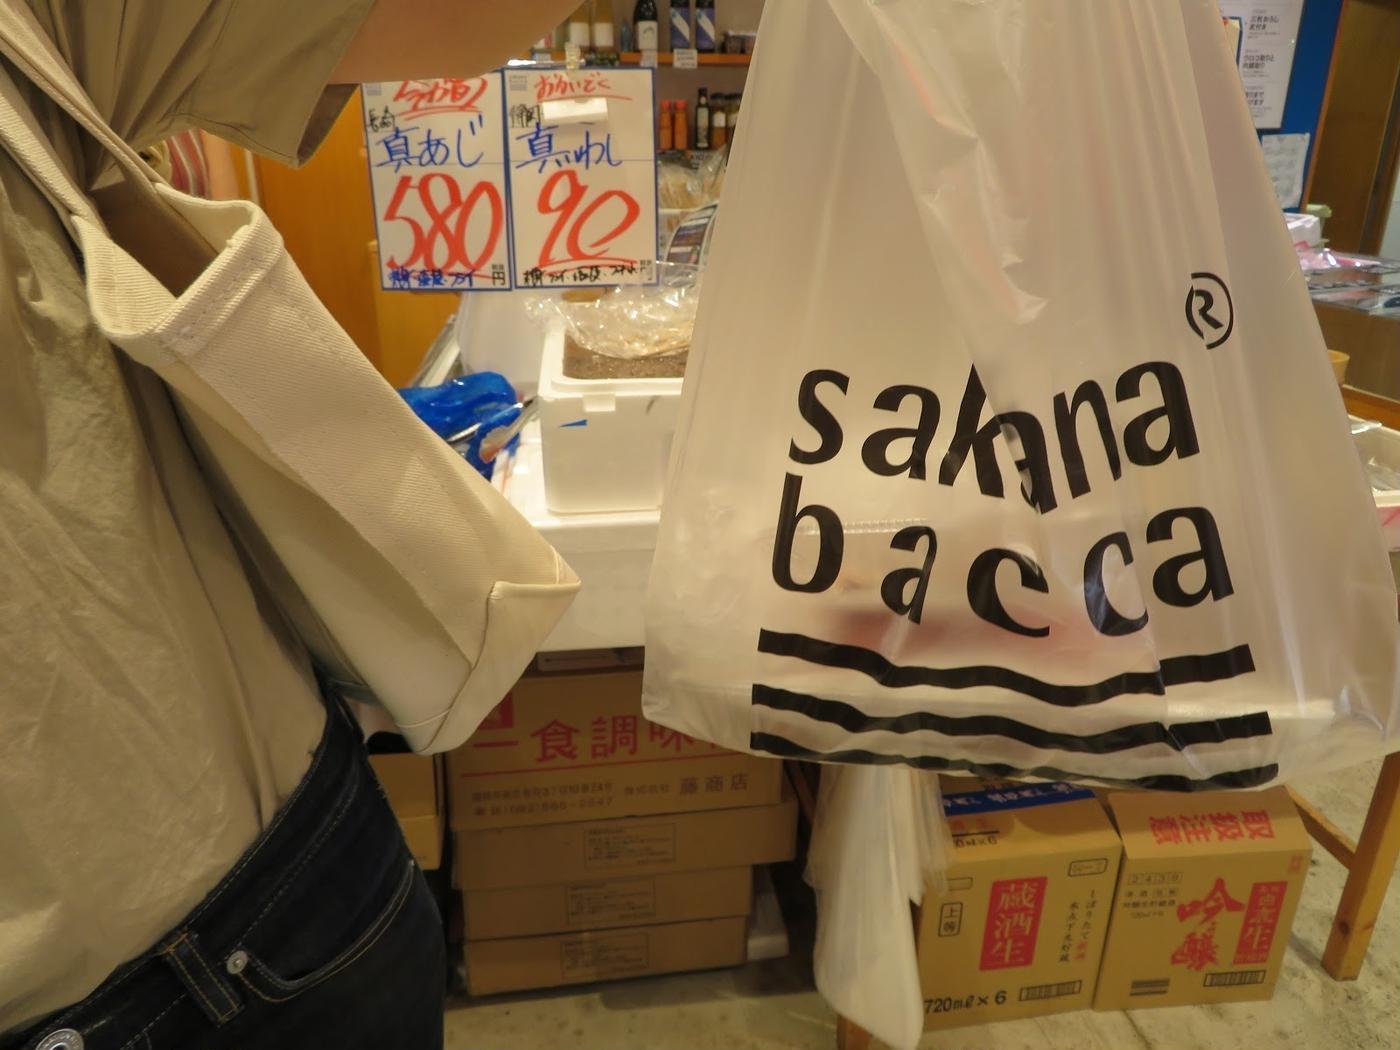 サカナバッカレジ袋